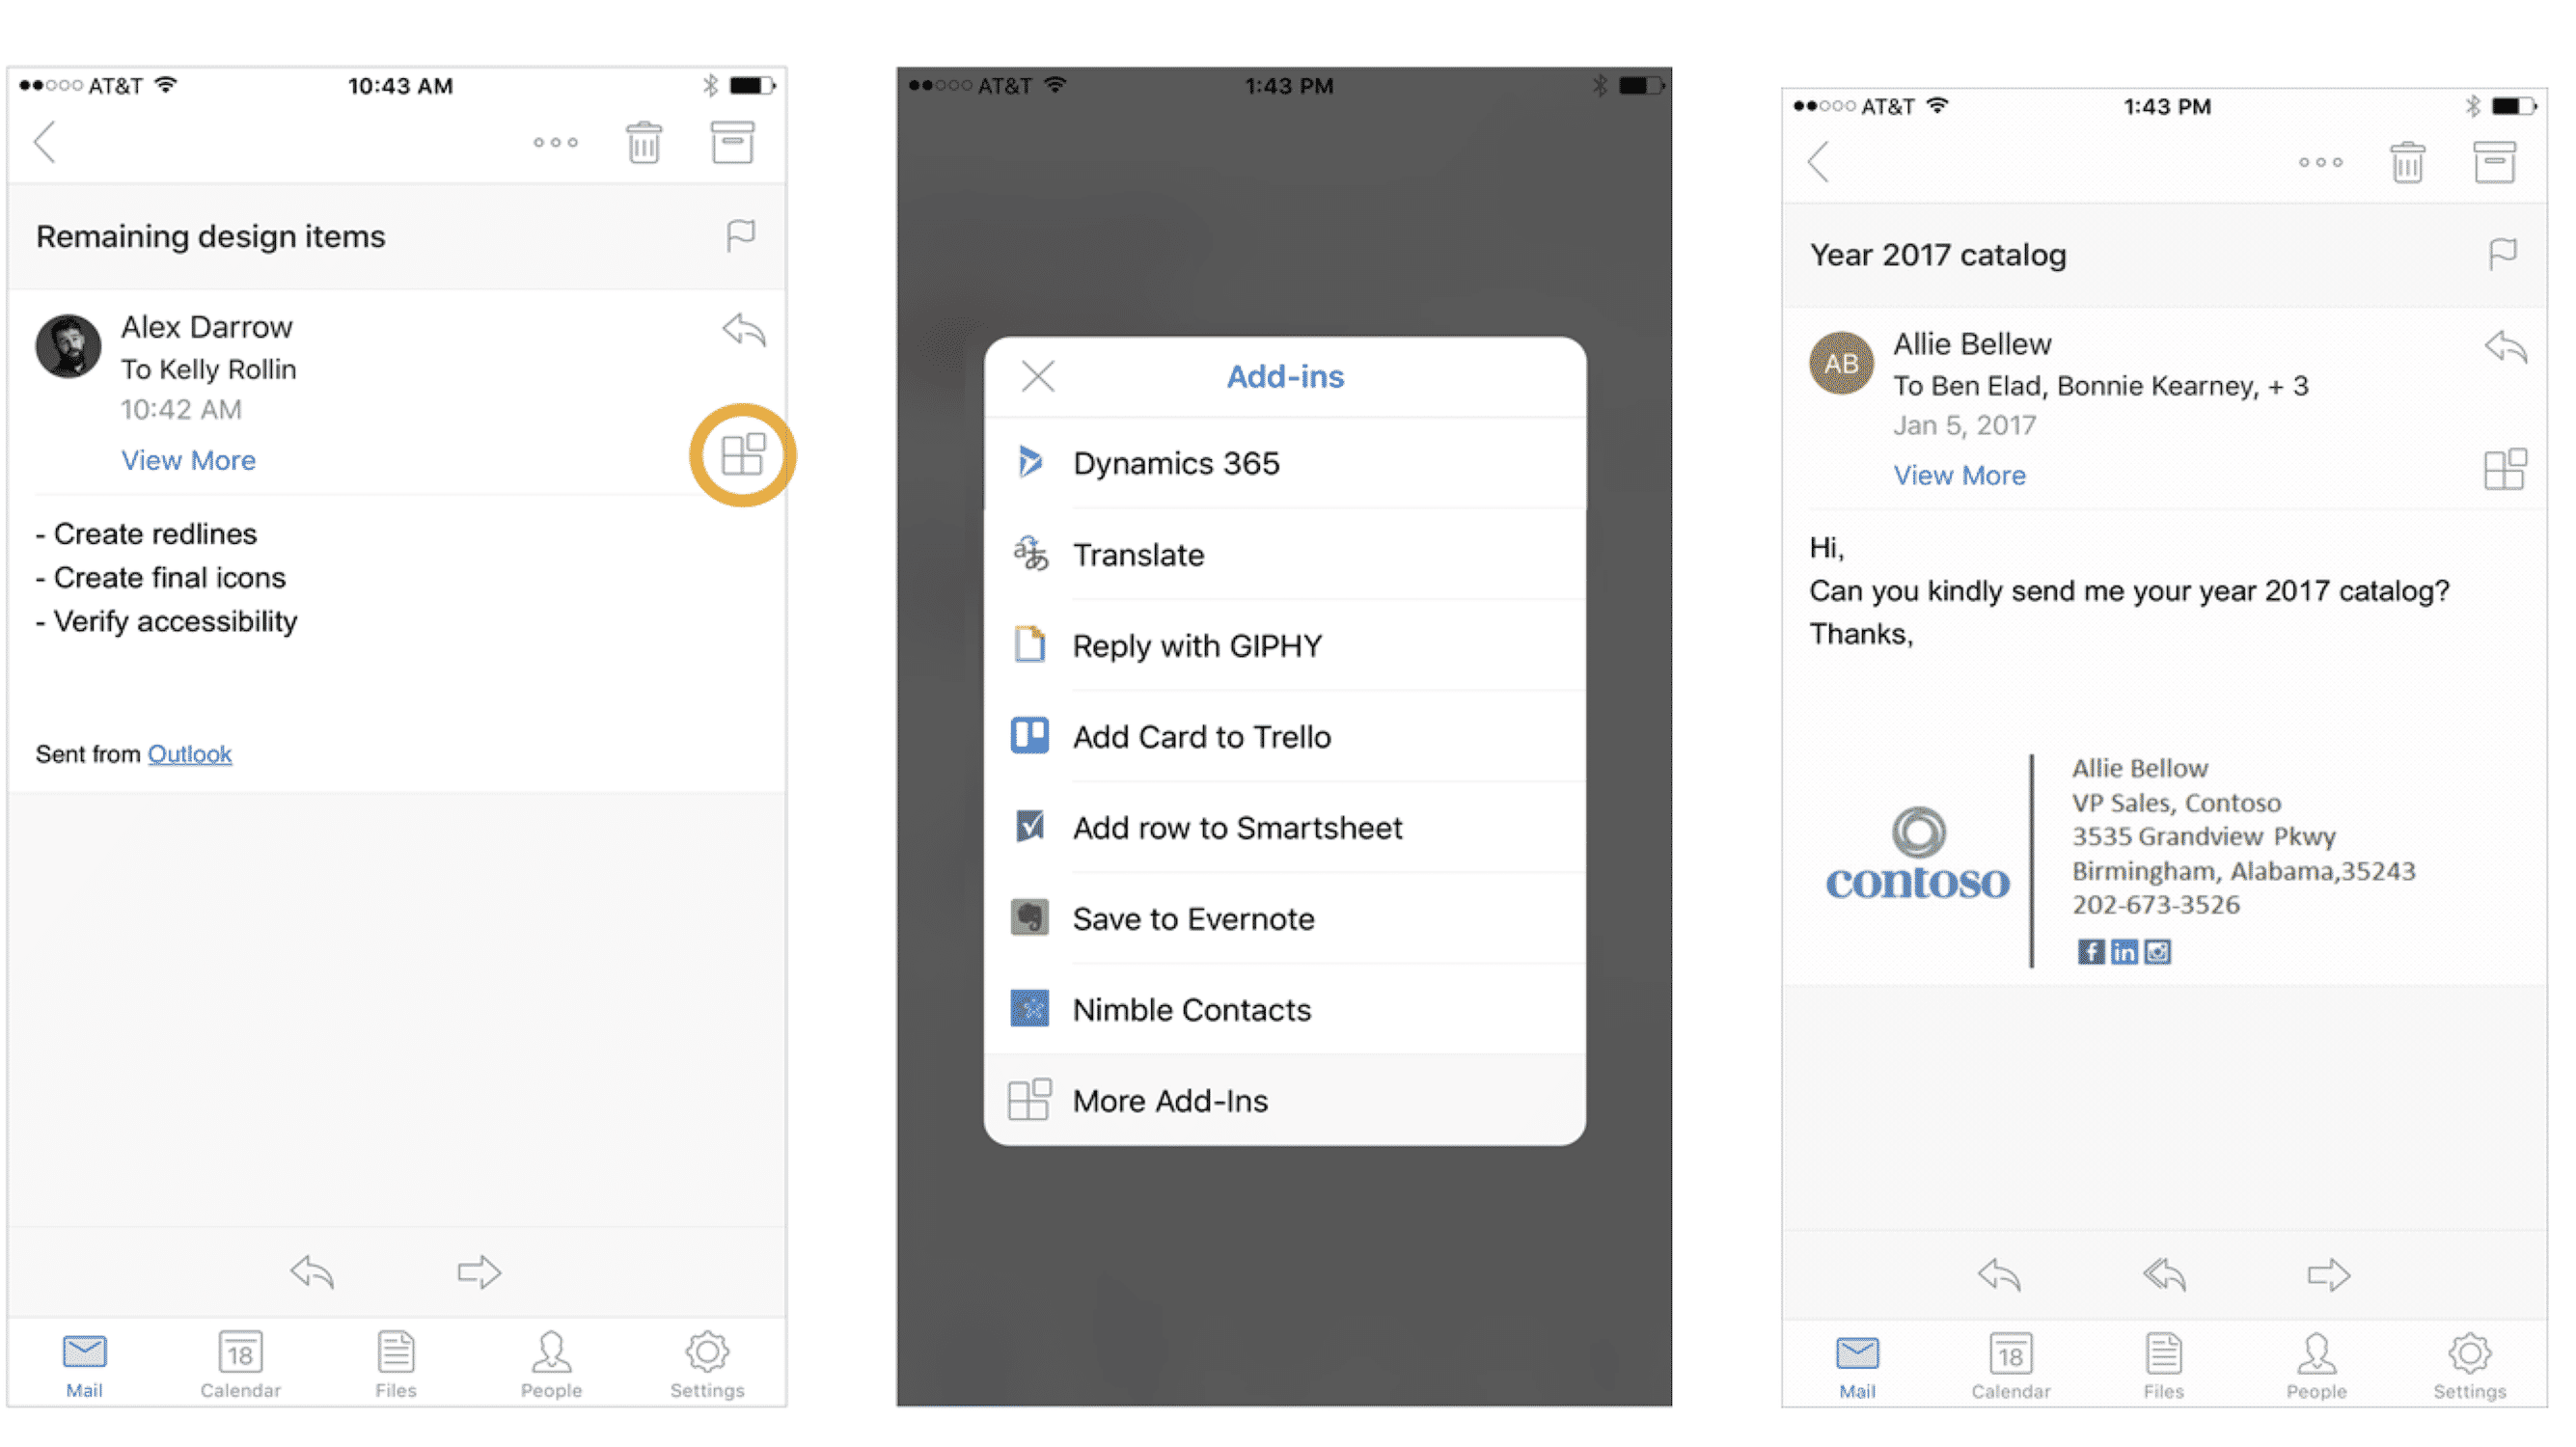 Outlook für iPhone und iPad integriert Drittanbieter-Apps